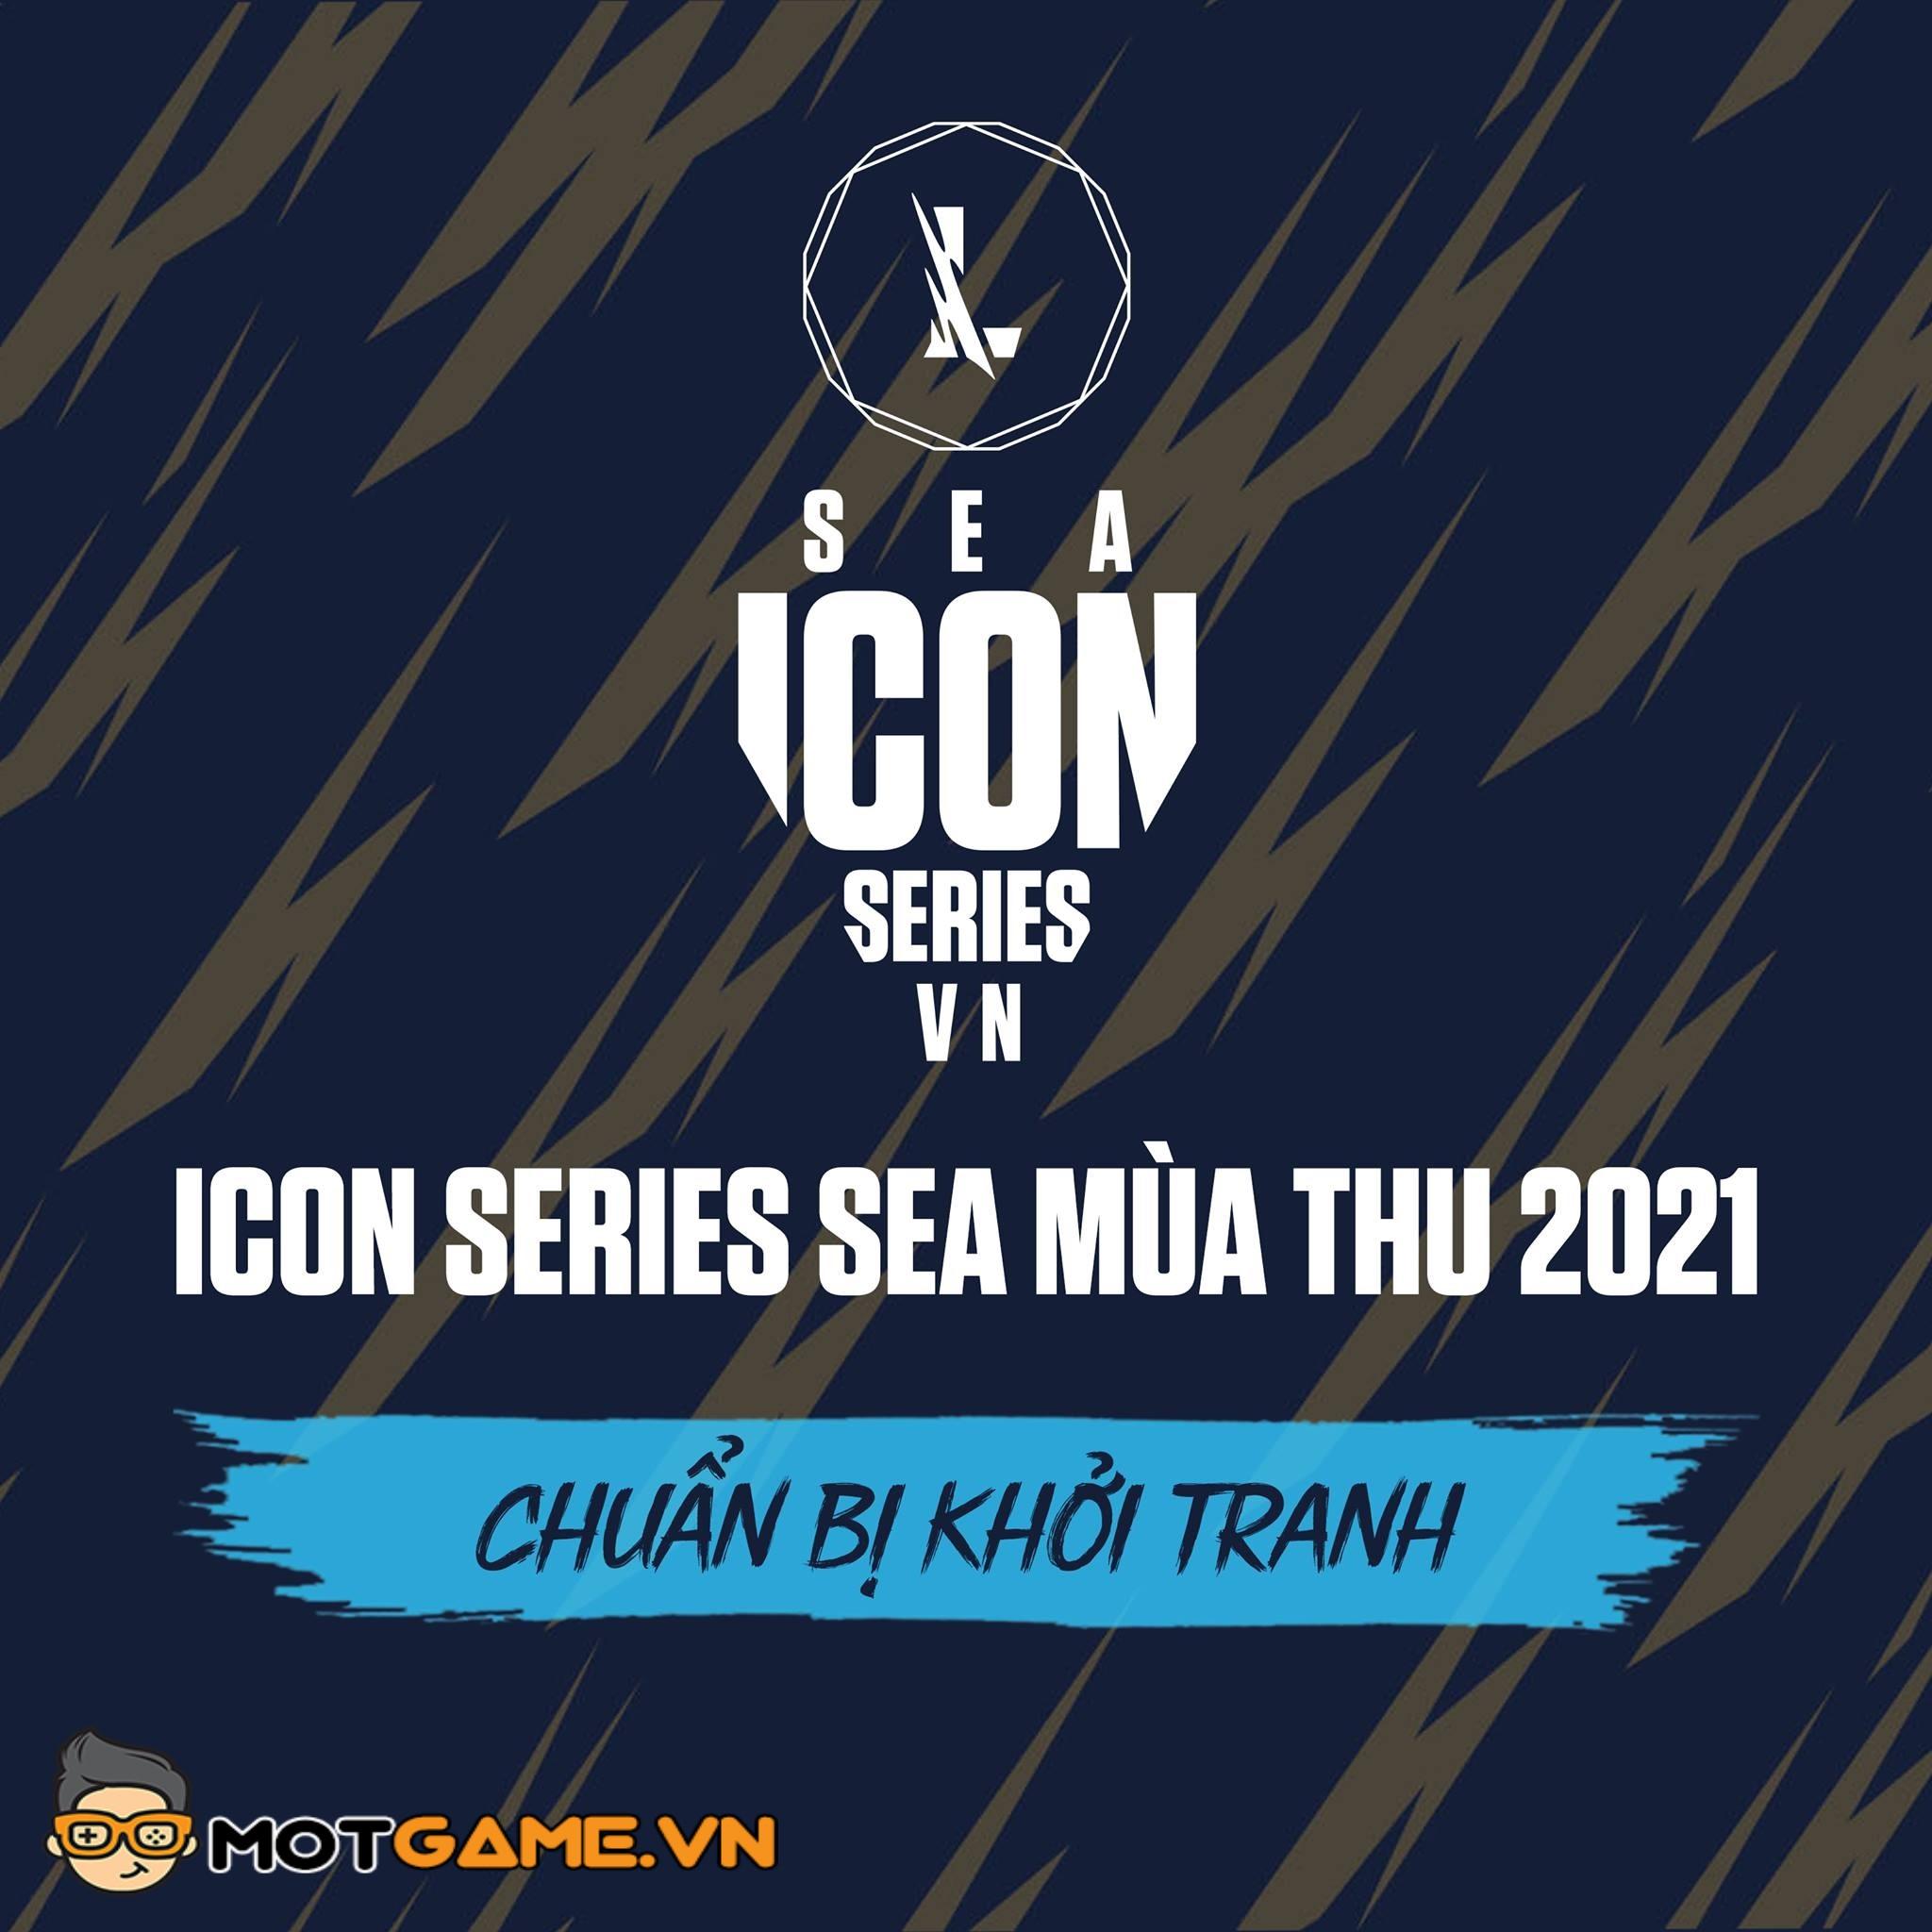 Icon Series SEA mùa thu 2021 – Lịch thi đấu mới nhất